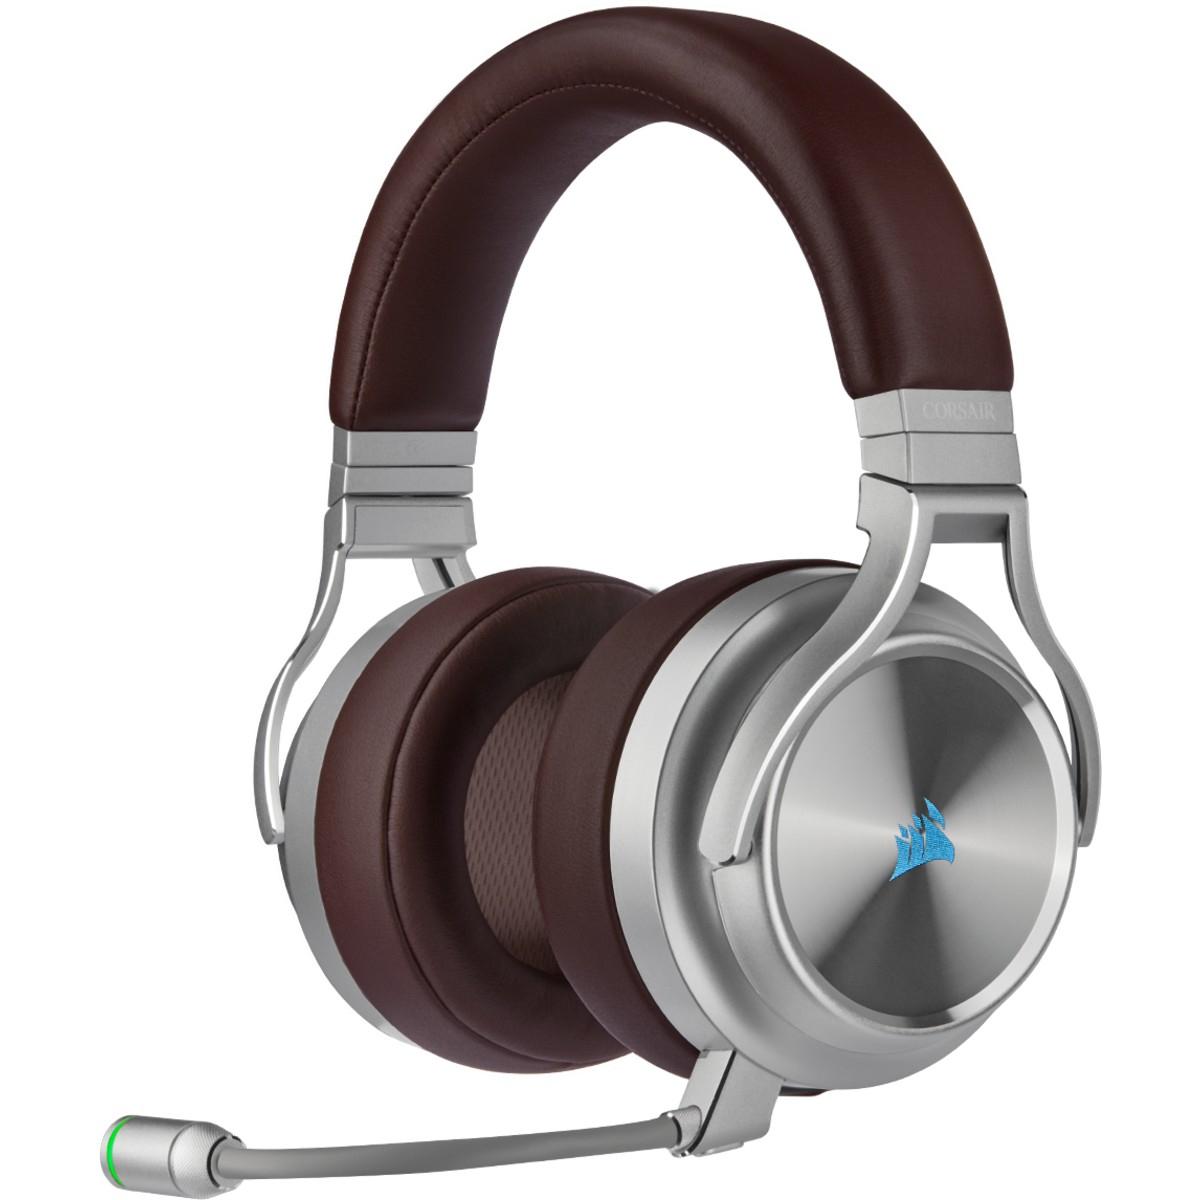 Virtuoso Rgb Auriculares Diadema Café Expreso Conector De 3,5 Mm